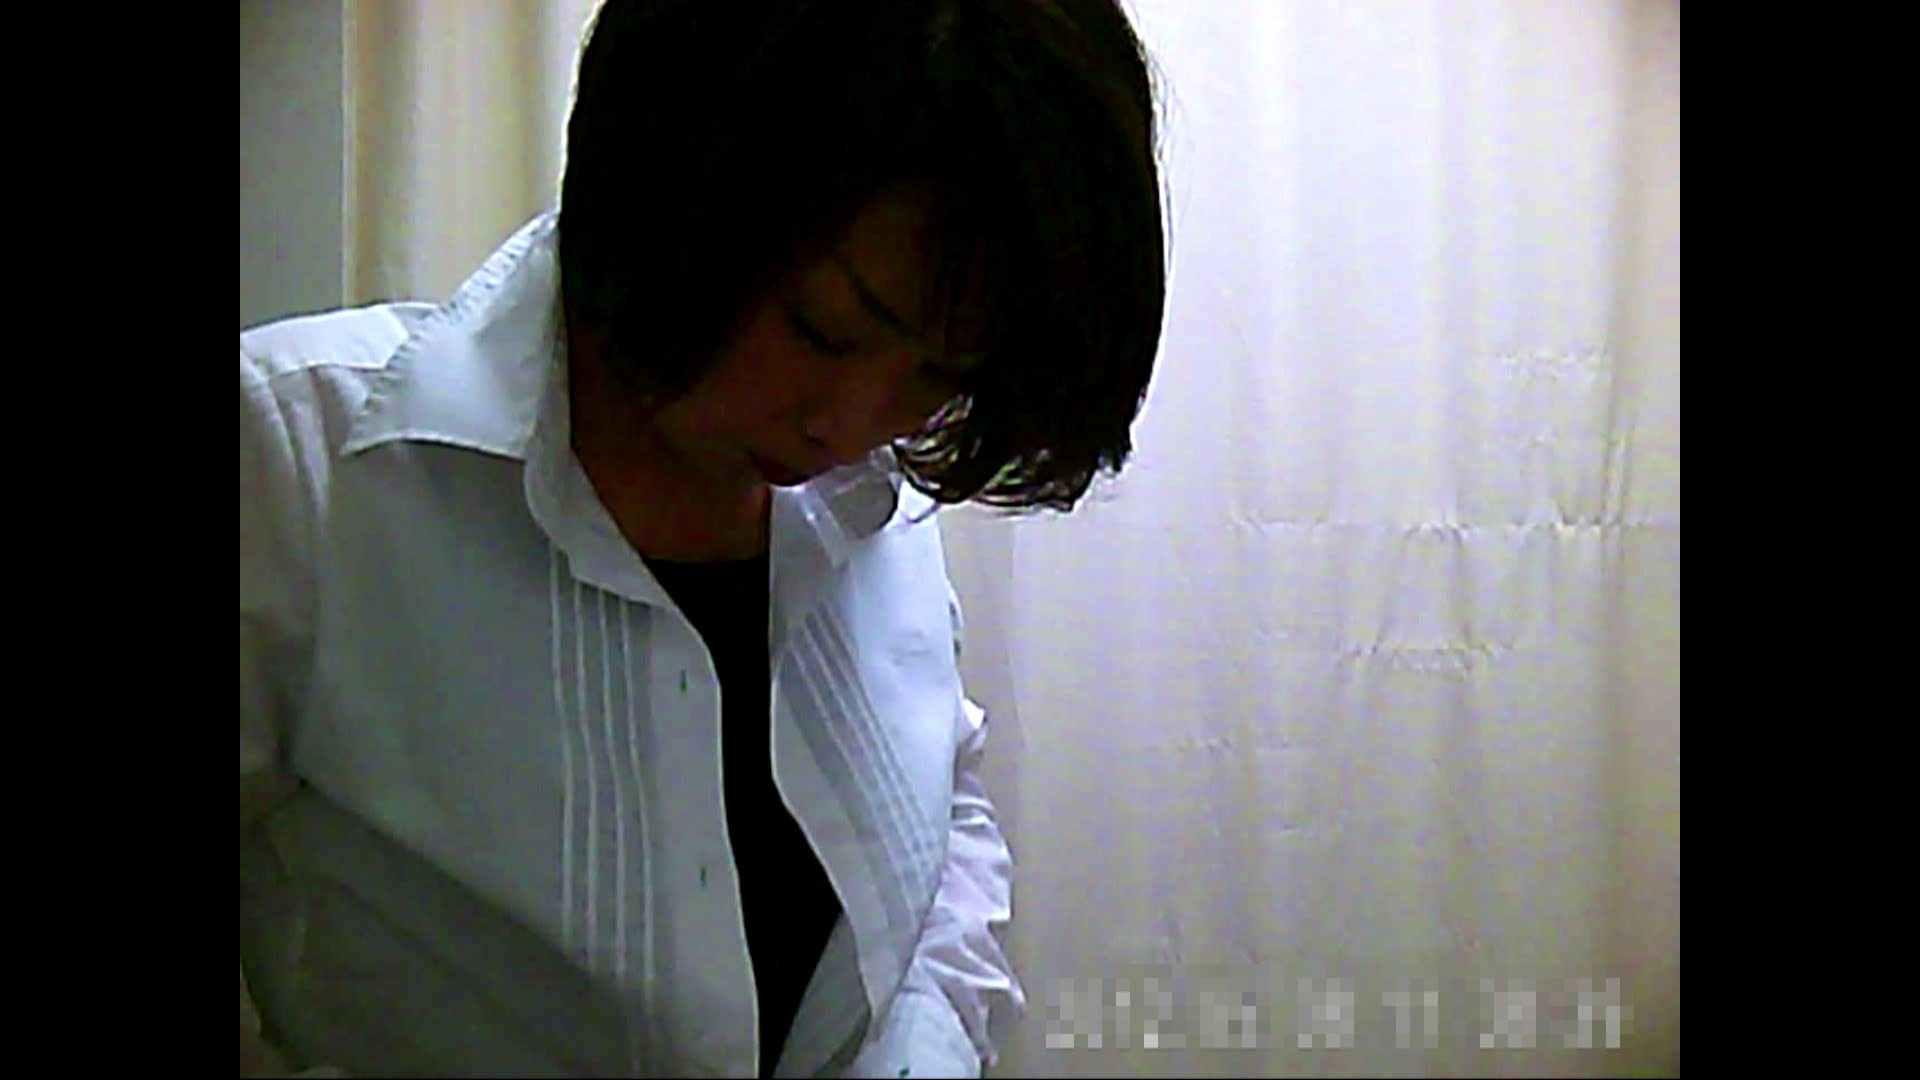 元医者による反抗 更衣室地獄絵巻 vol.002 お姉さんのSEX アダルト動画キャプチャ 109枚 2